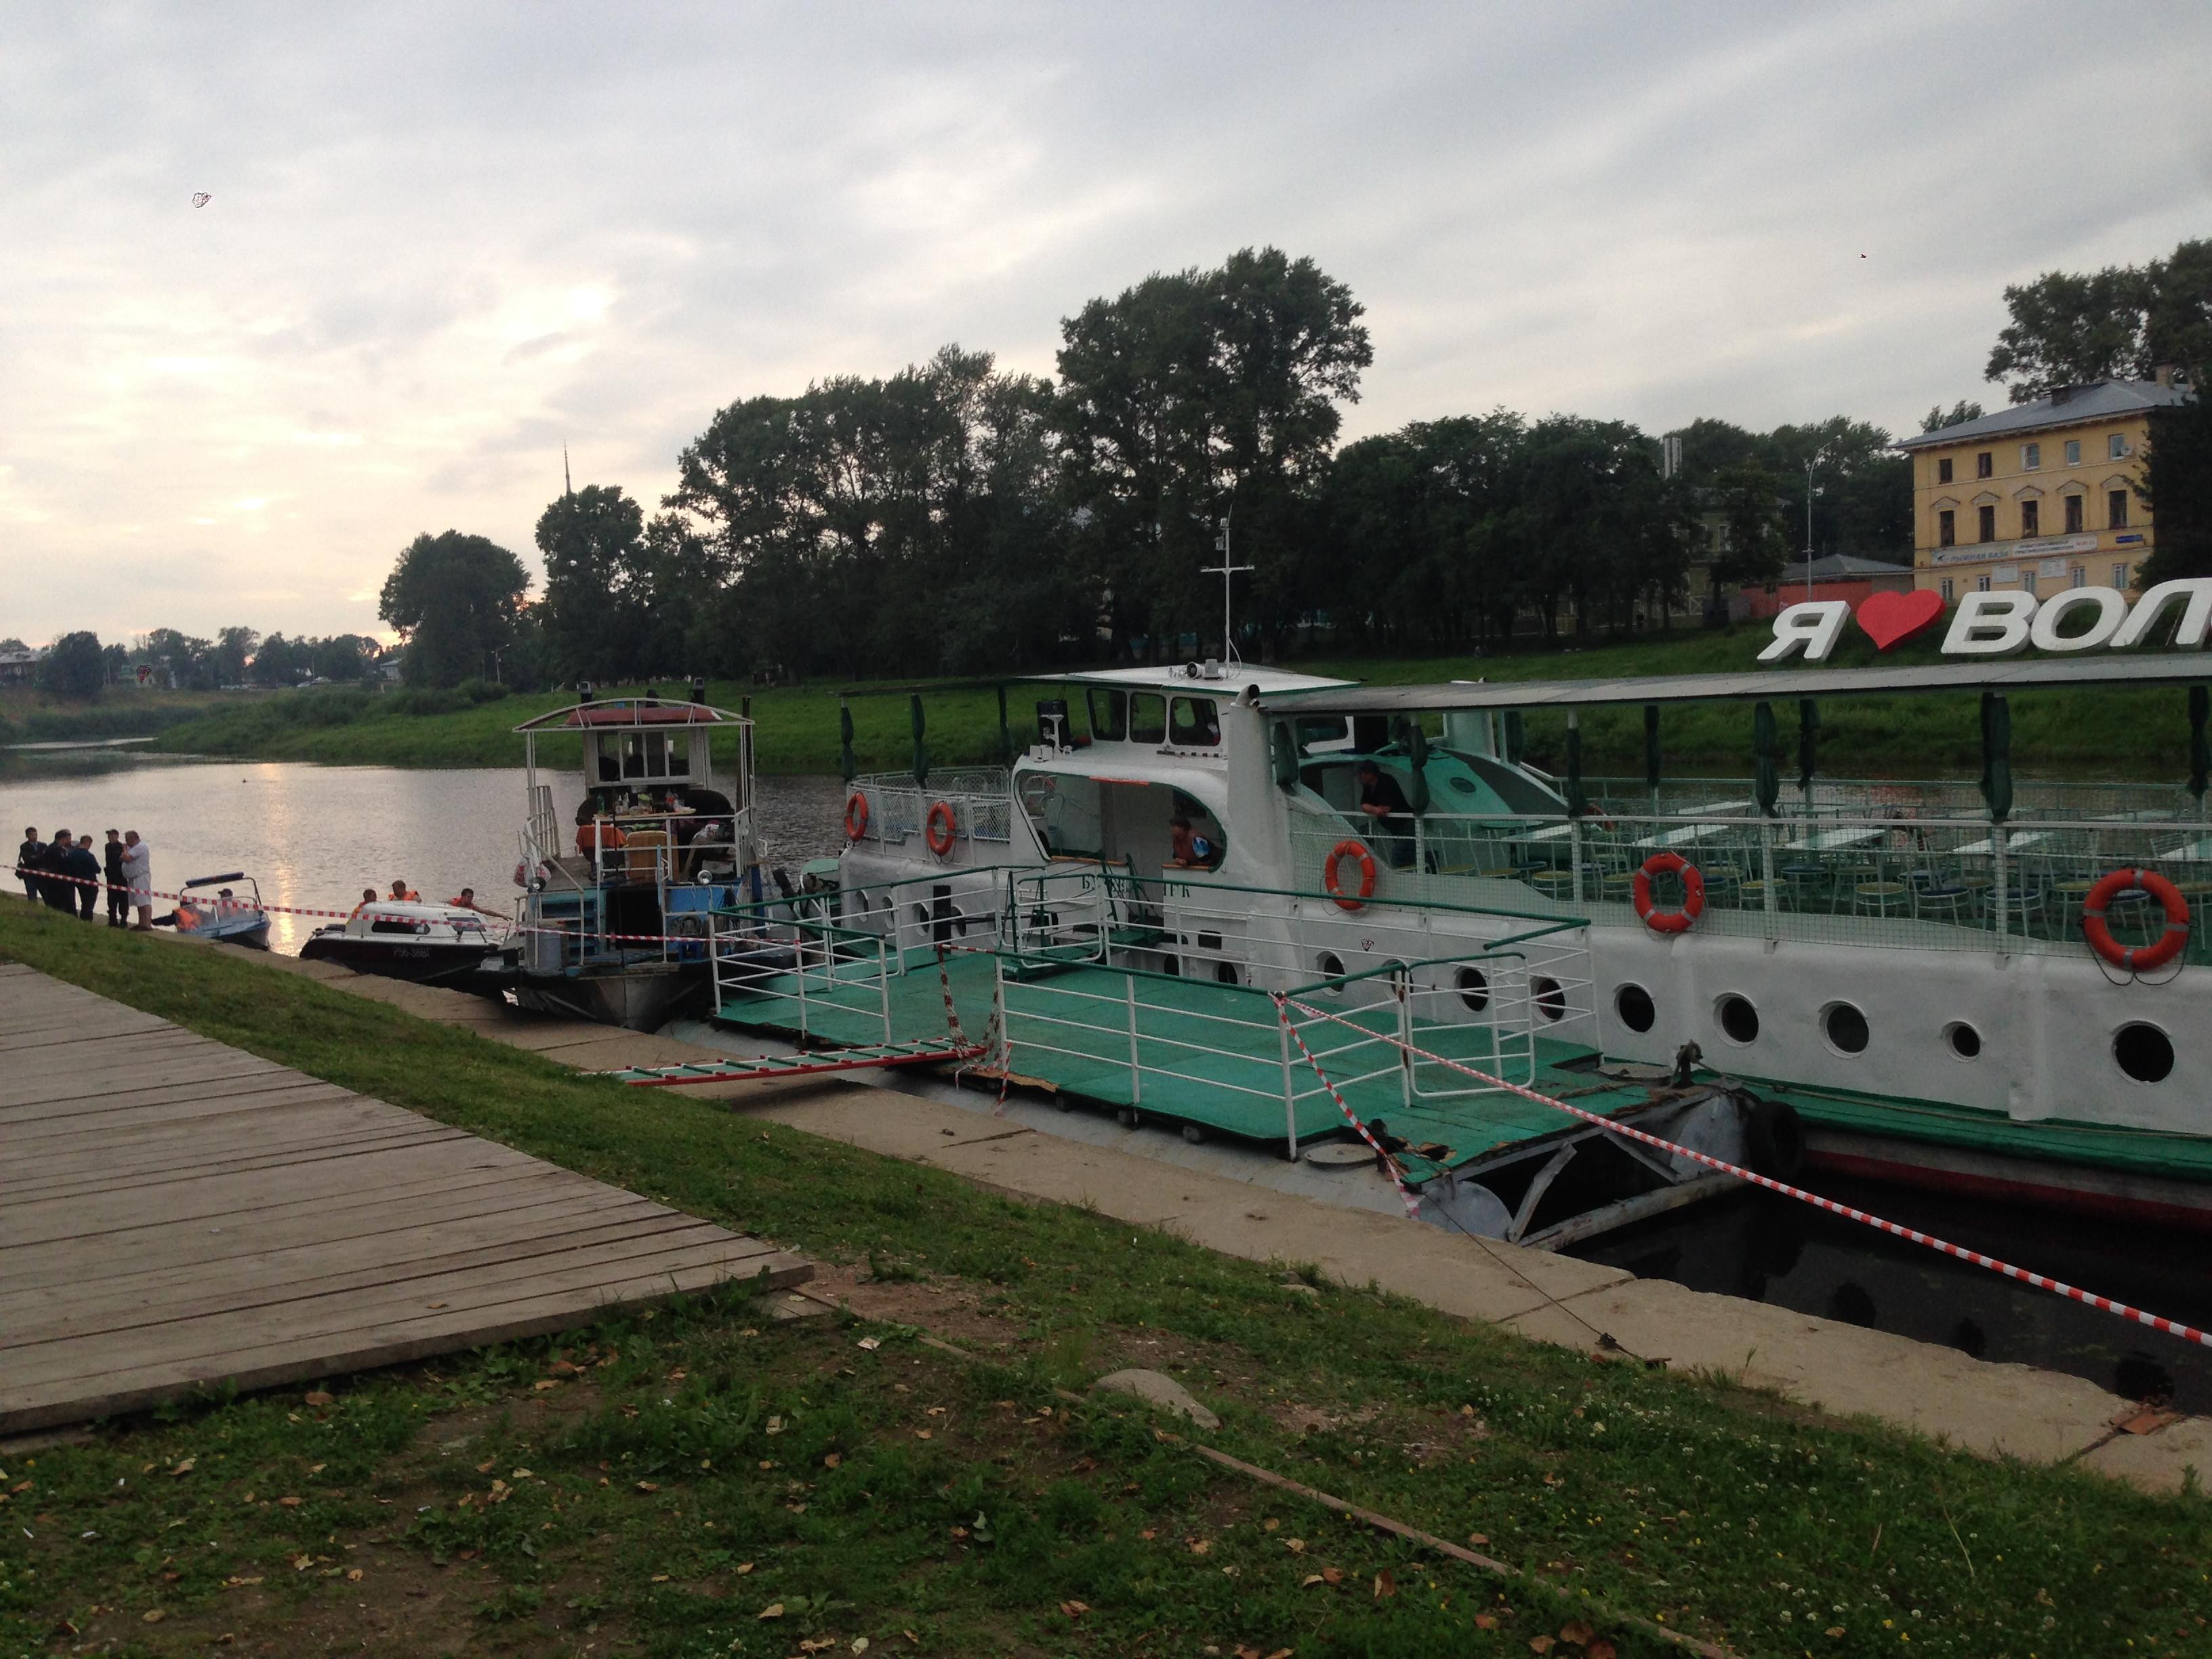 В Вологде транспортная прокуратура запретила эксплуатацию теплохода «Буревестник»